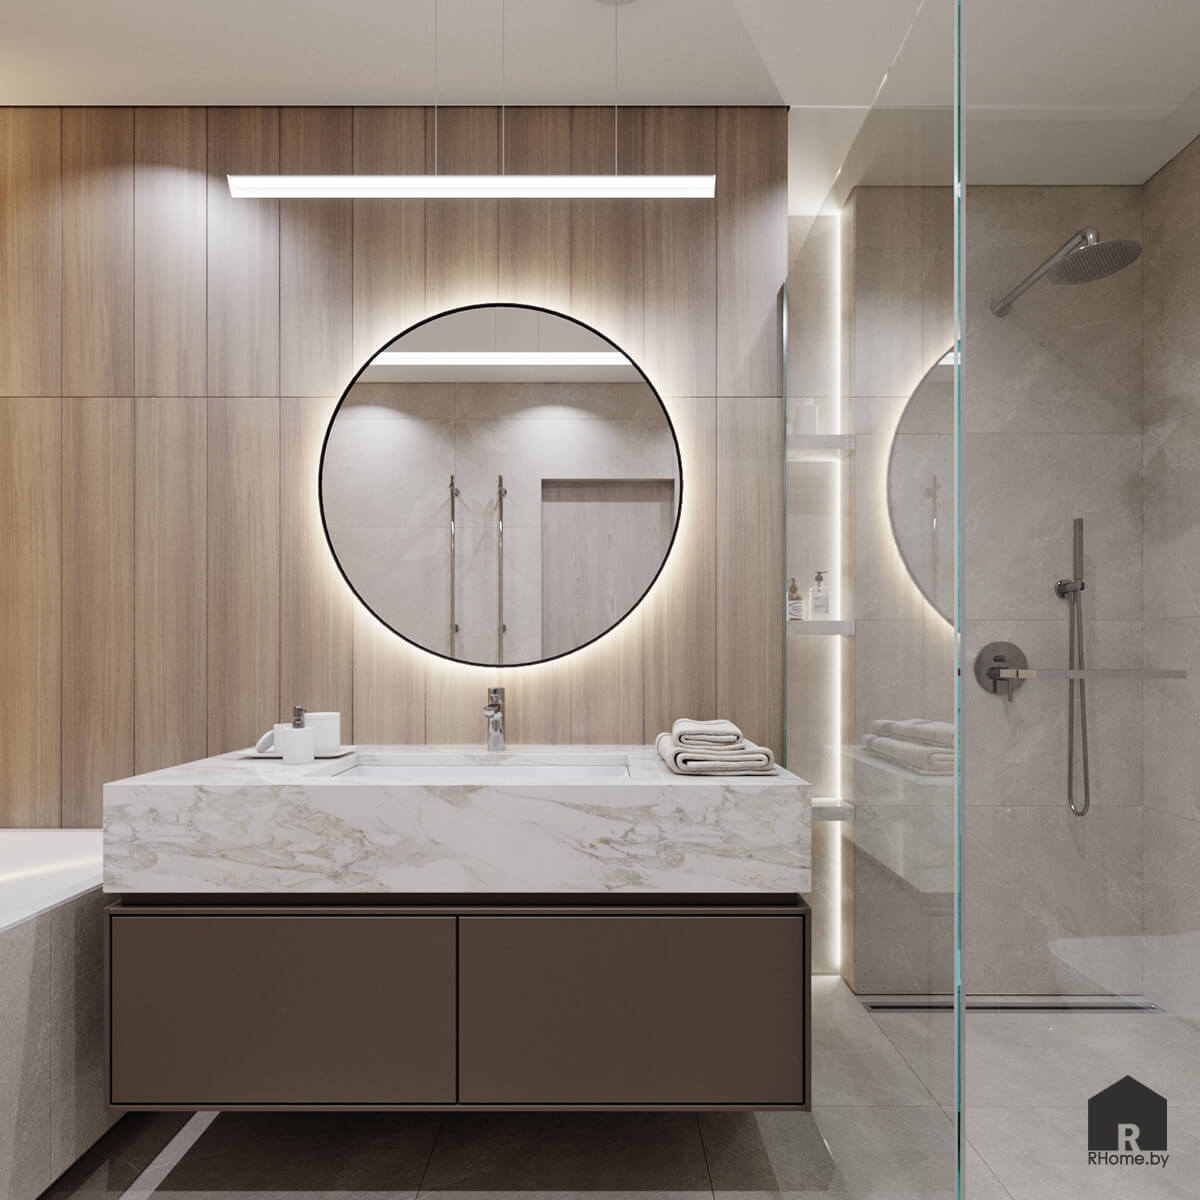 интерьер ванной в оттенках бежевого с круглым зеркалом